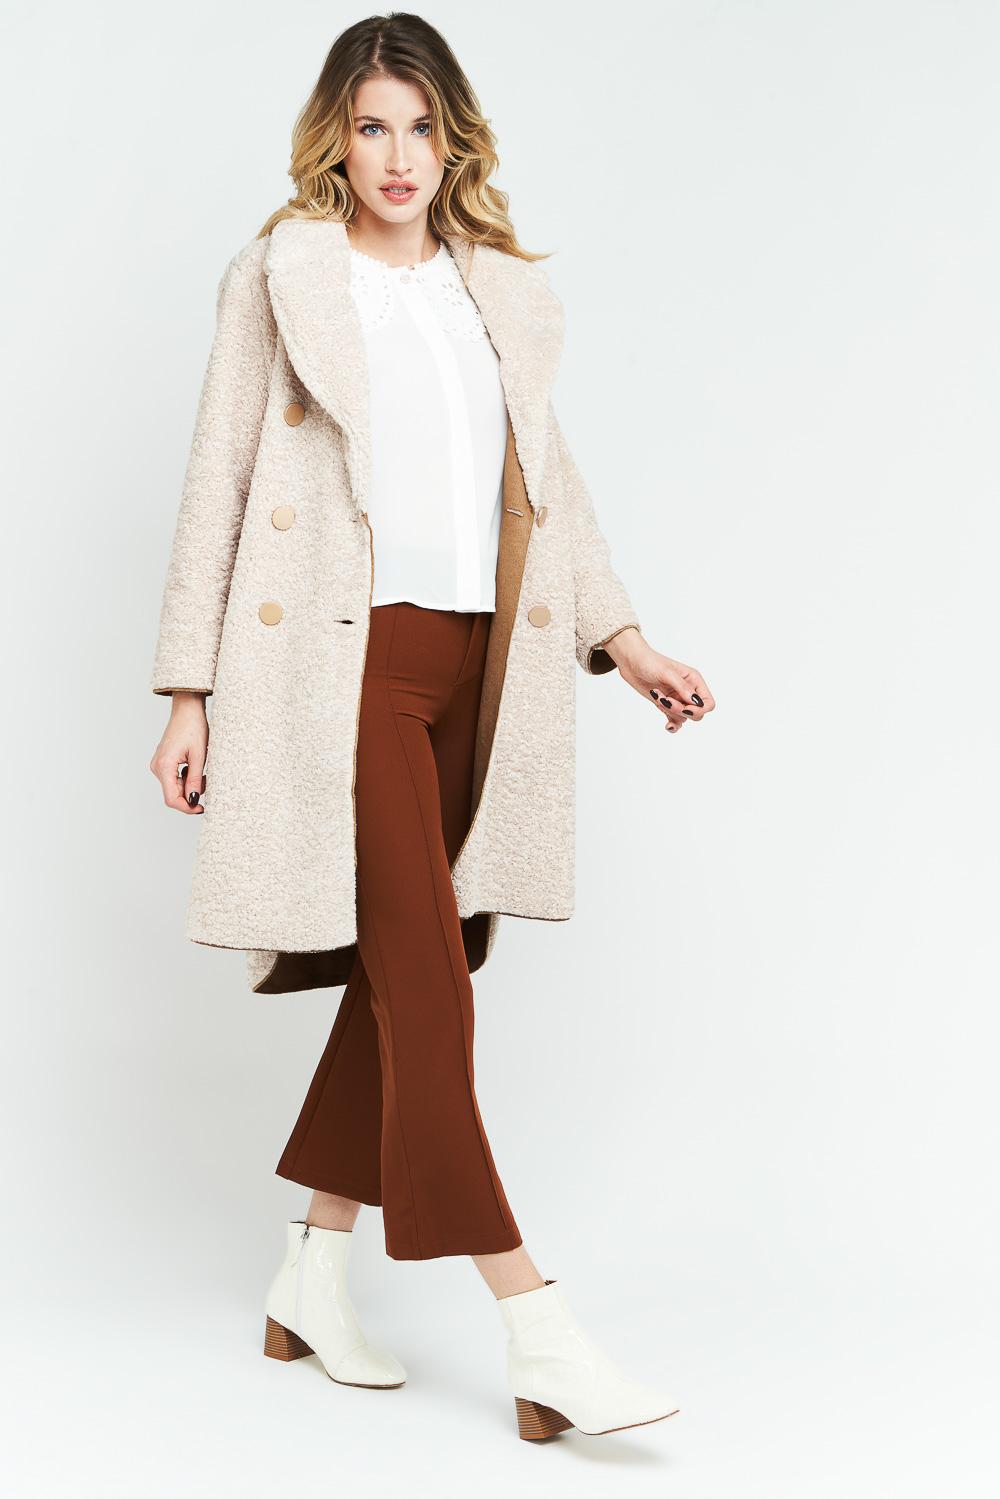 Femme en manteau long pantalon marron sur fond gris